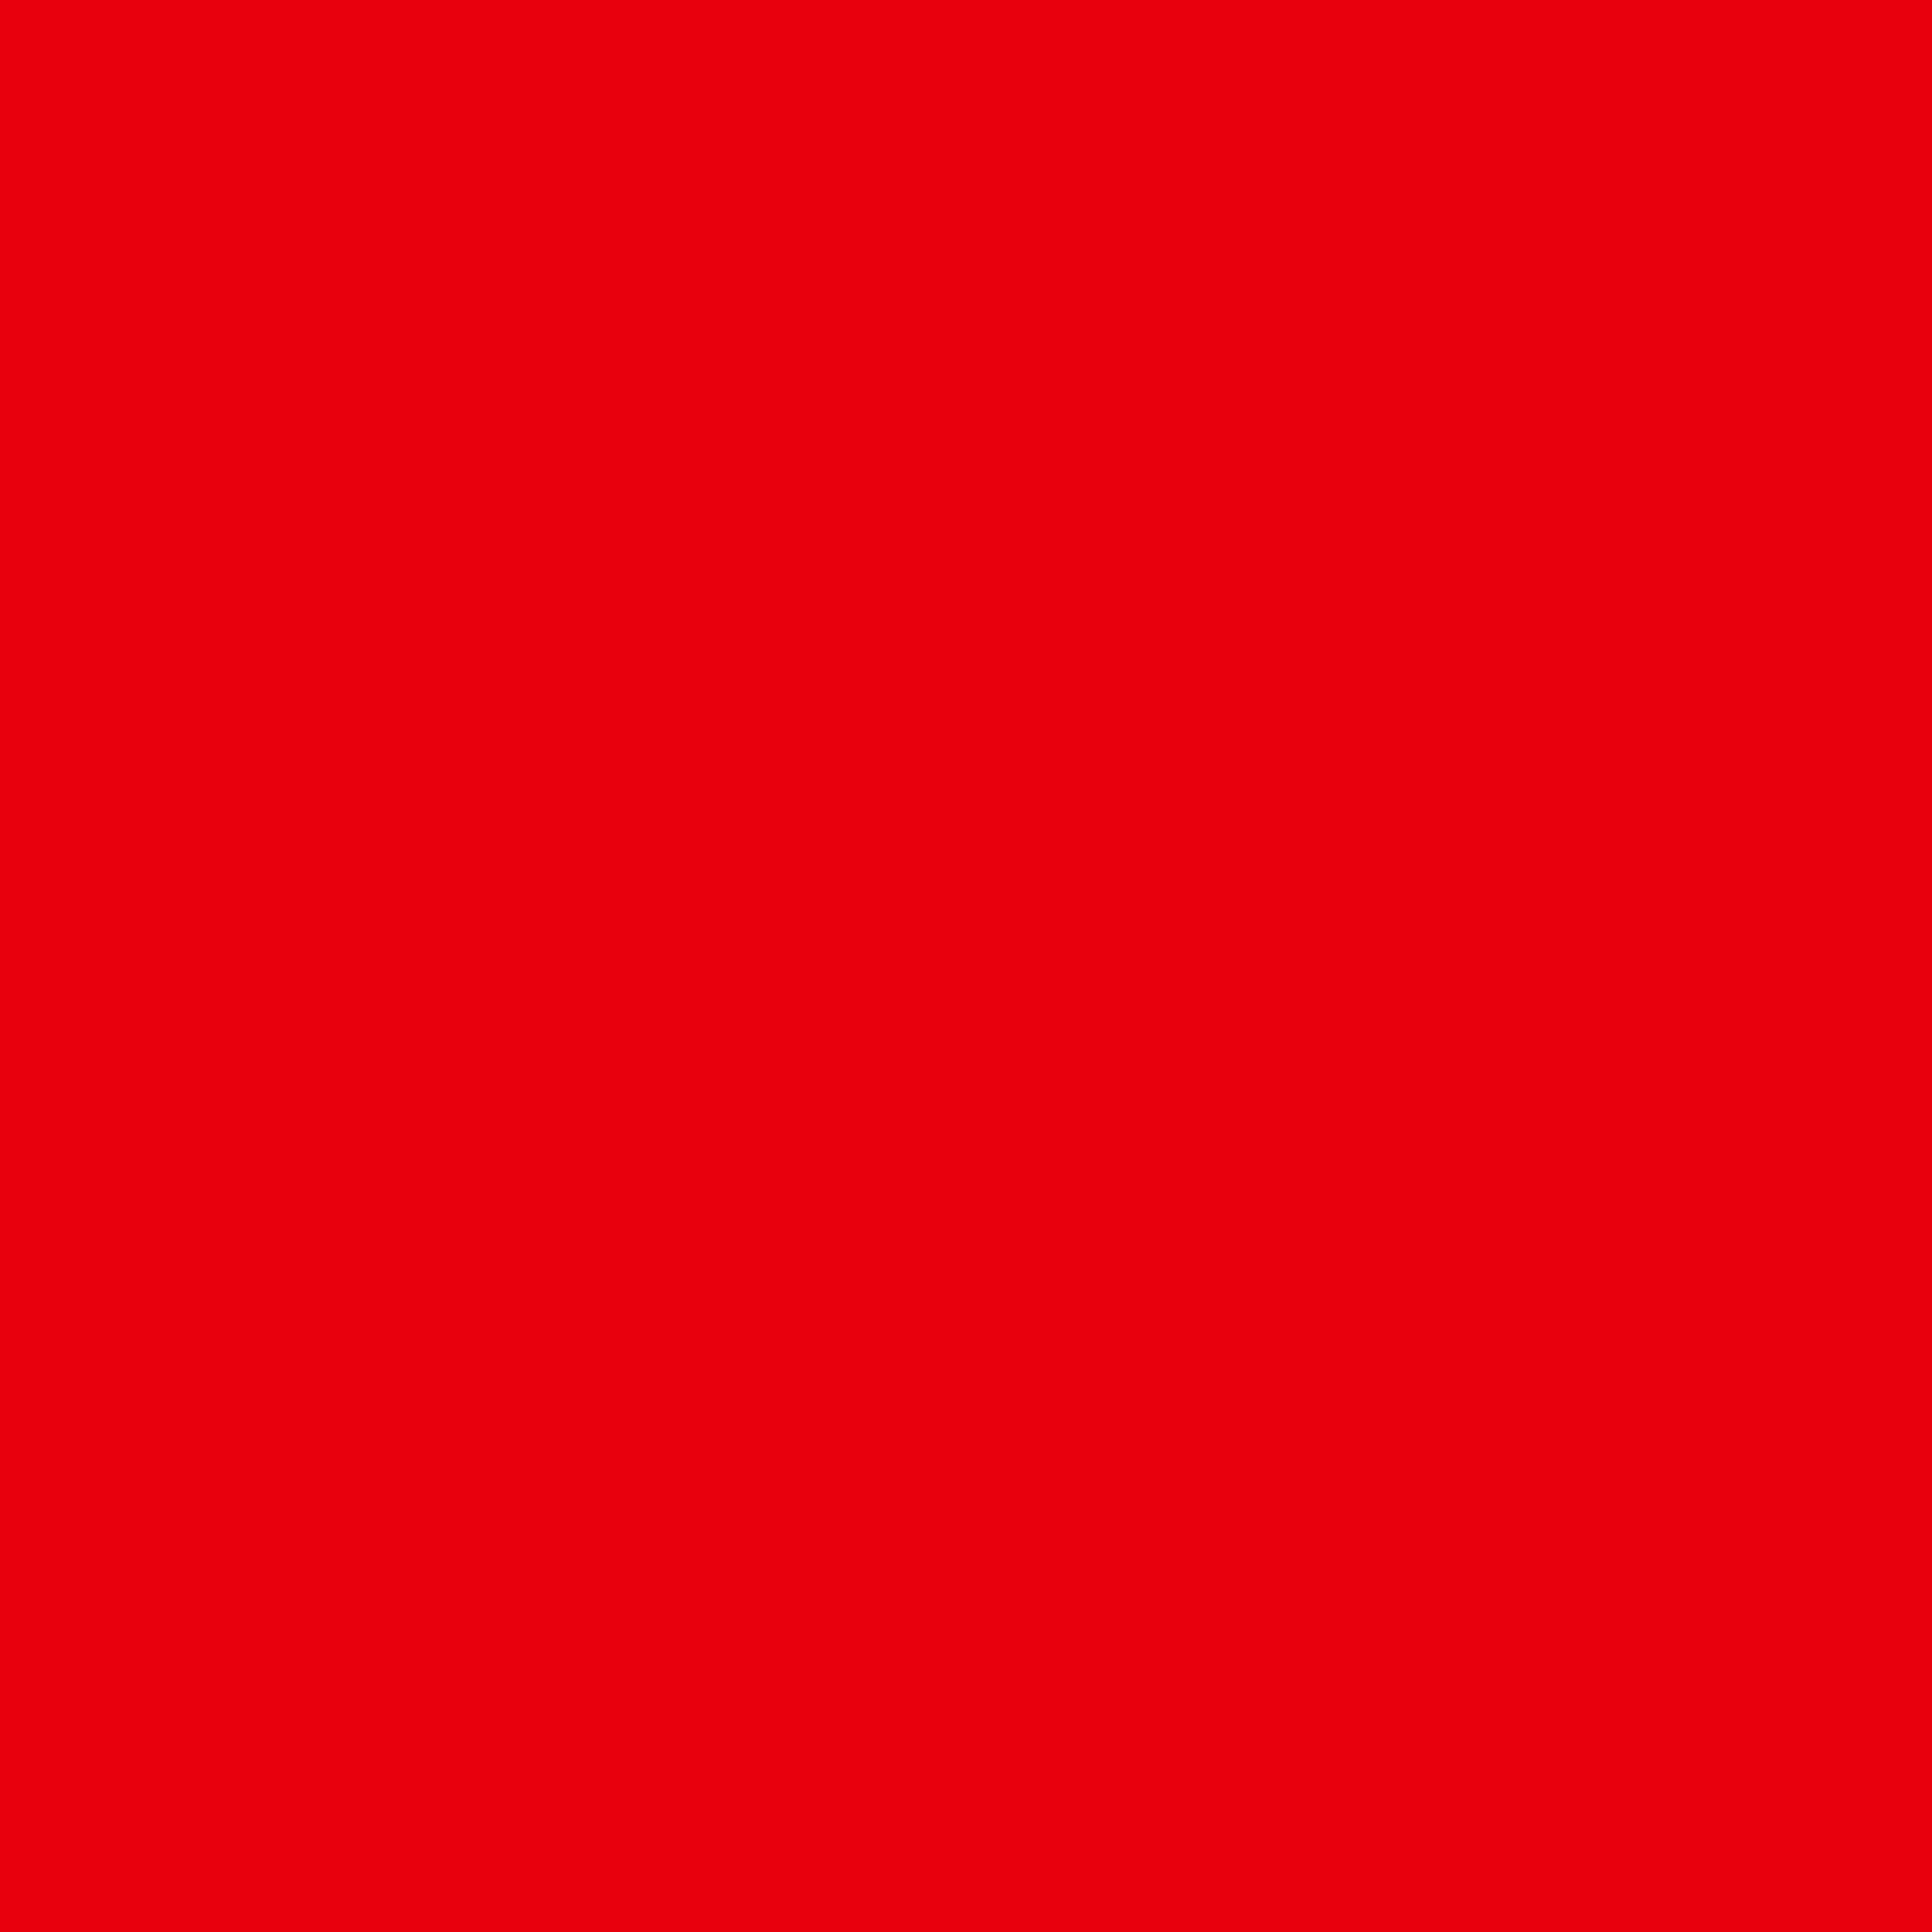 2732x2732 KU Crimson Solid Color Background